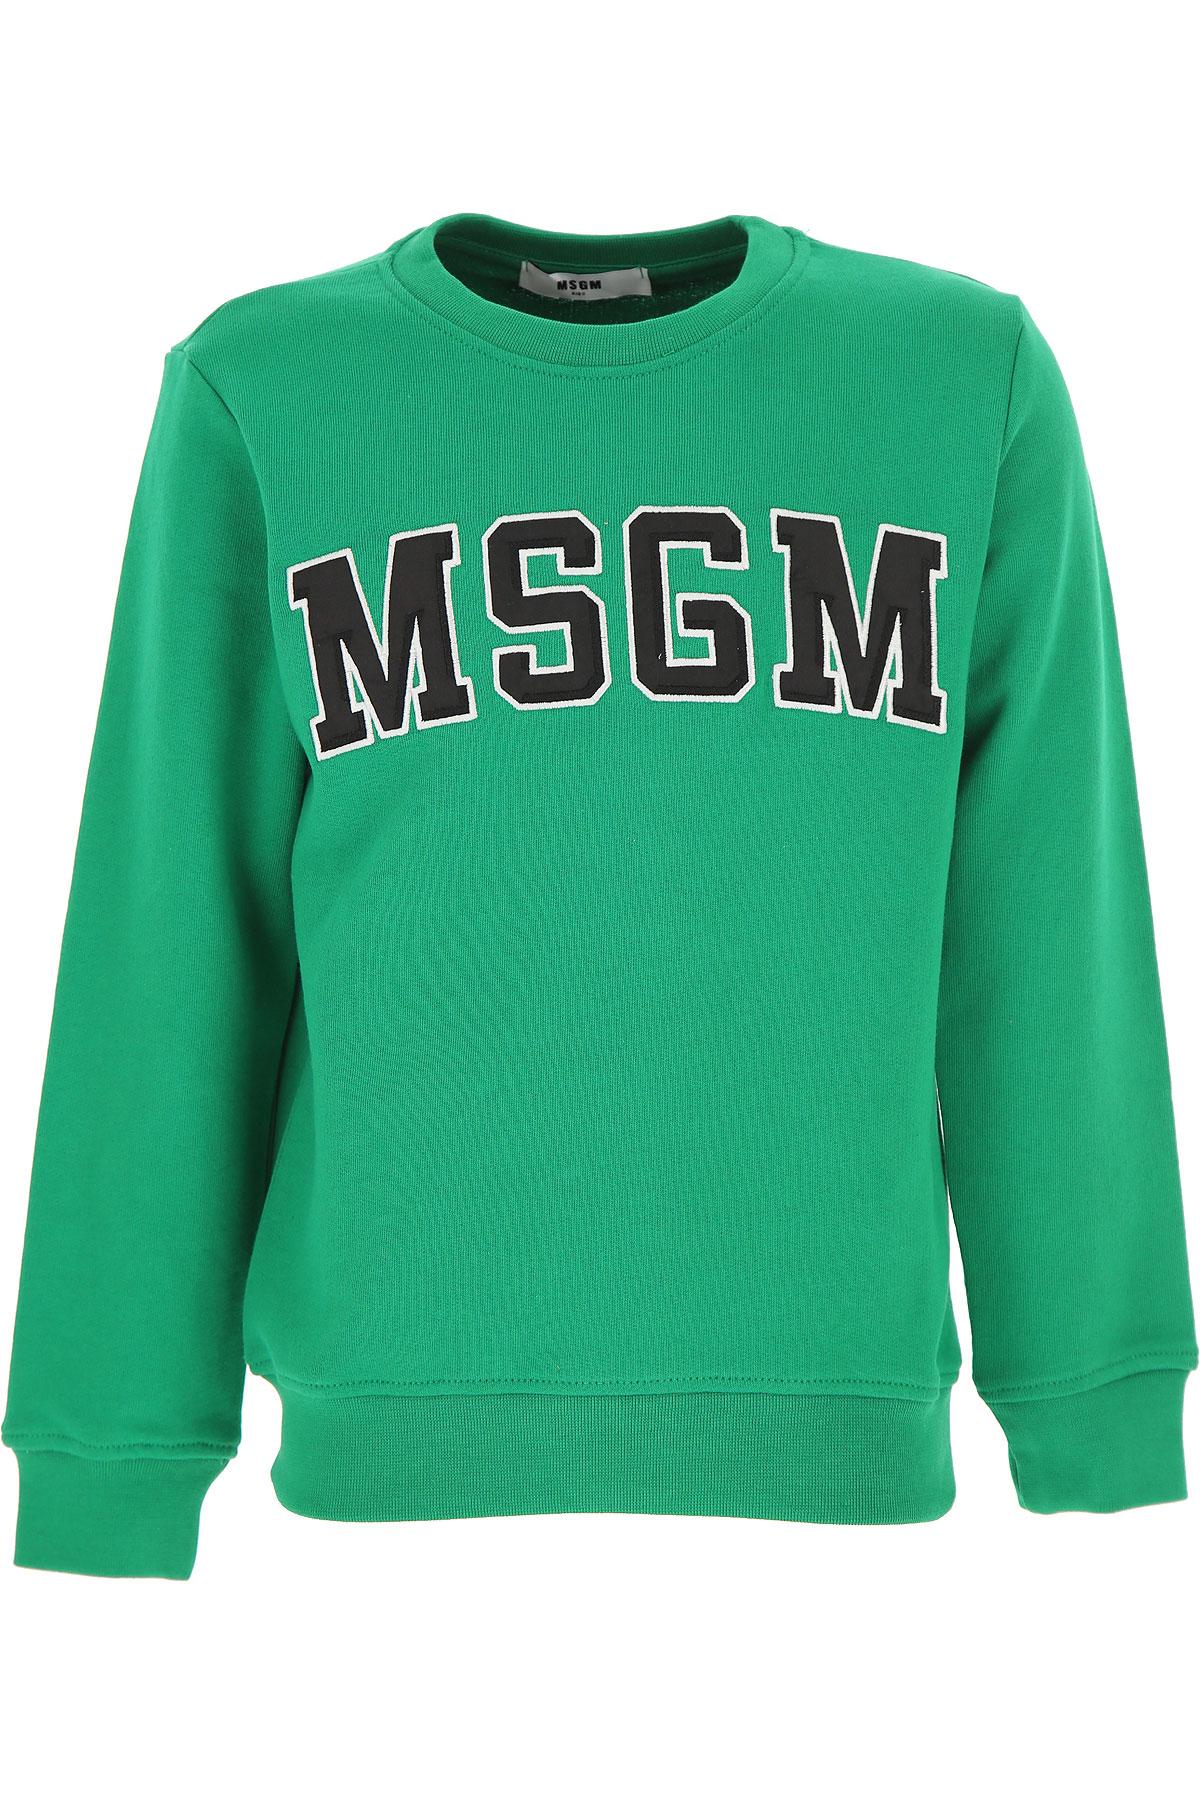 MSGM Kids Sweatshirts & Hoodies for Boys, Grey, Cotton, 2017, 10Y 14Y